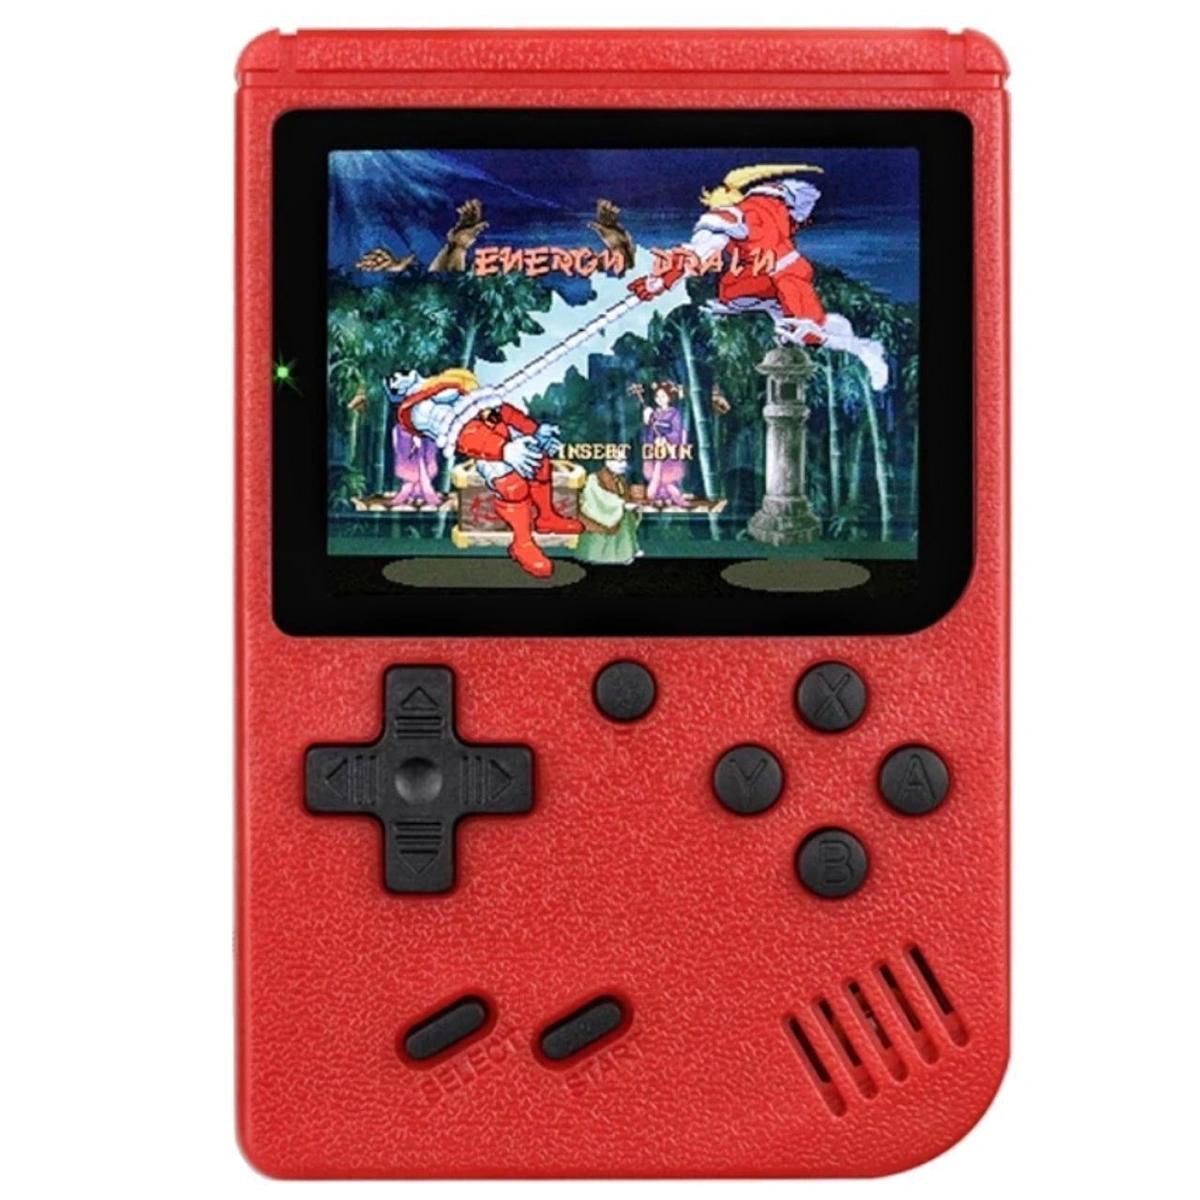 Портативная консоль QVATRA Game Box Plus 400 in 1 Red, купить в Москве, цены в интернет-магазинах на sbermegamarket.ru